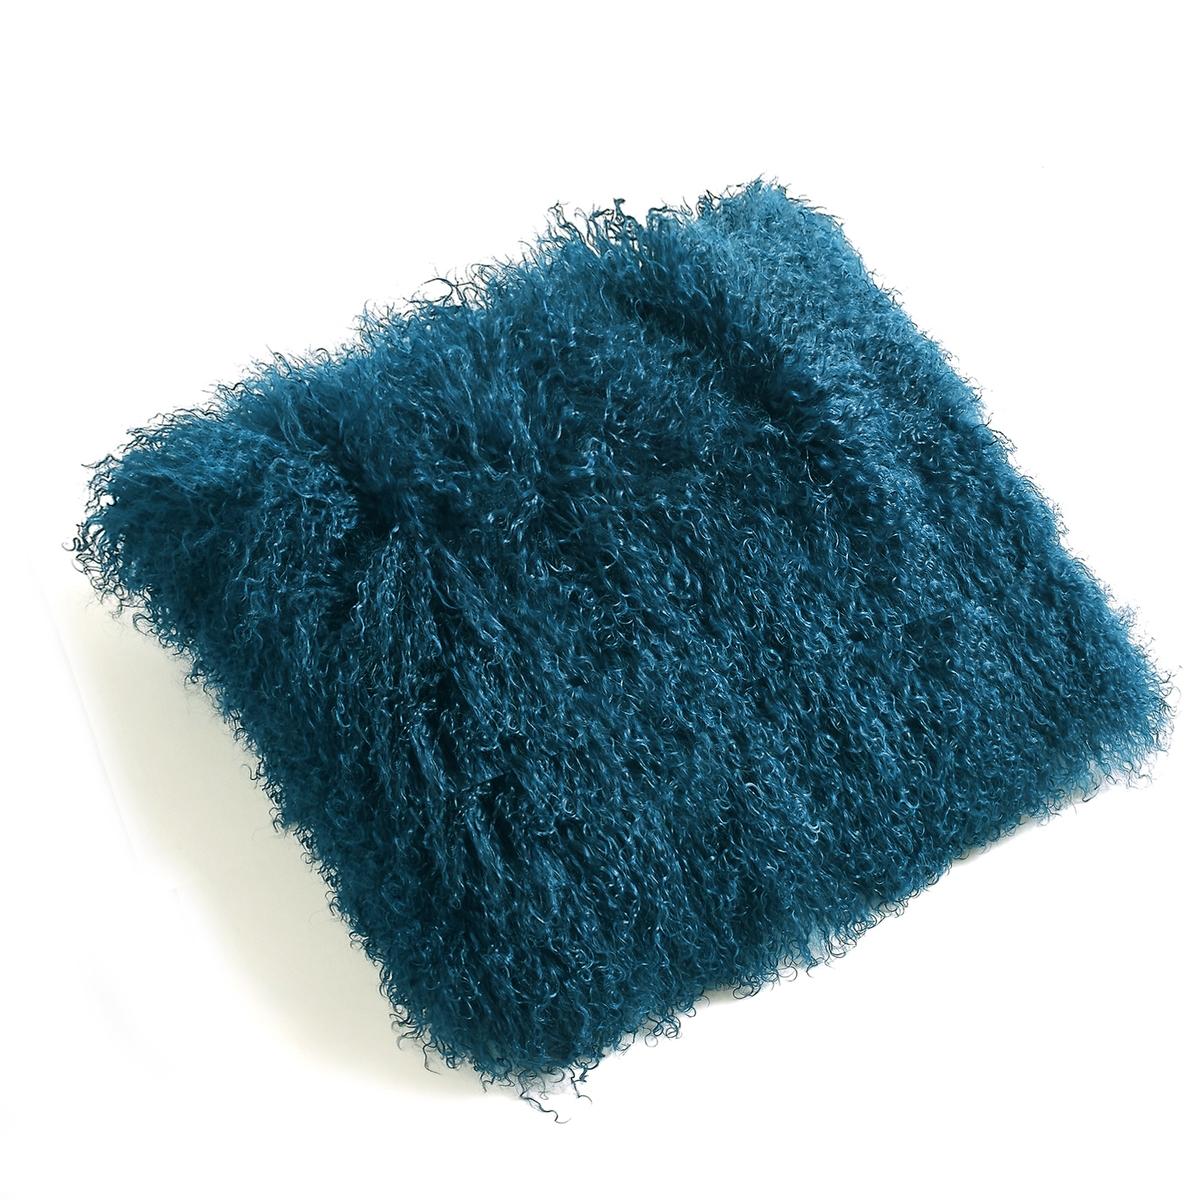 Чехол для подушки REDOUTE CREATION<br><br>Цвет: сине-зеленый,синий морской<br>Размер: 40 x 40  см